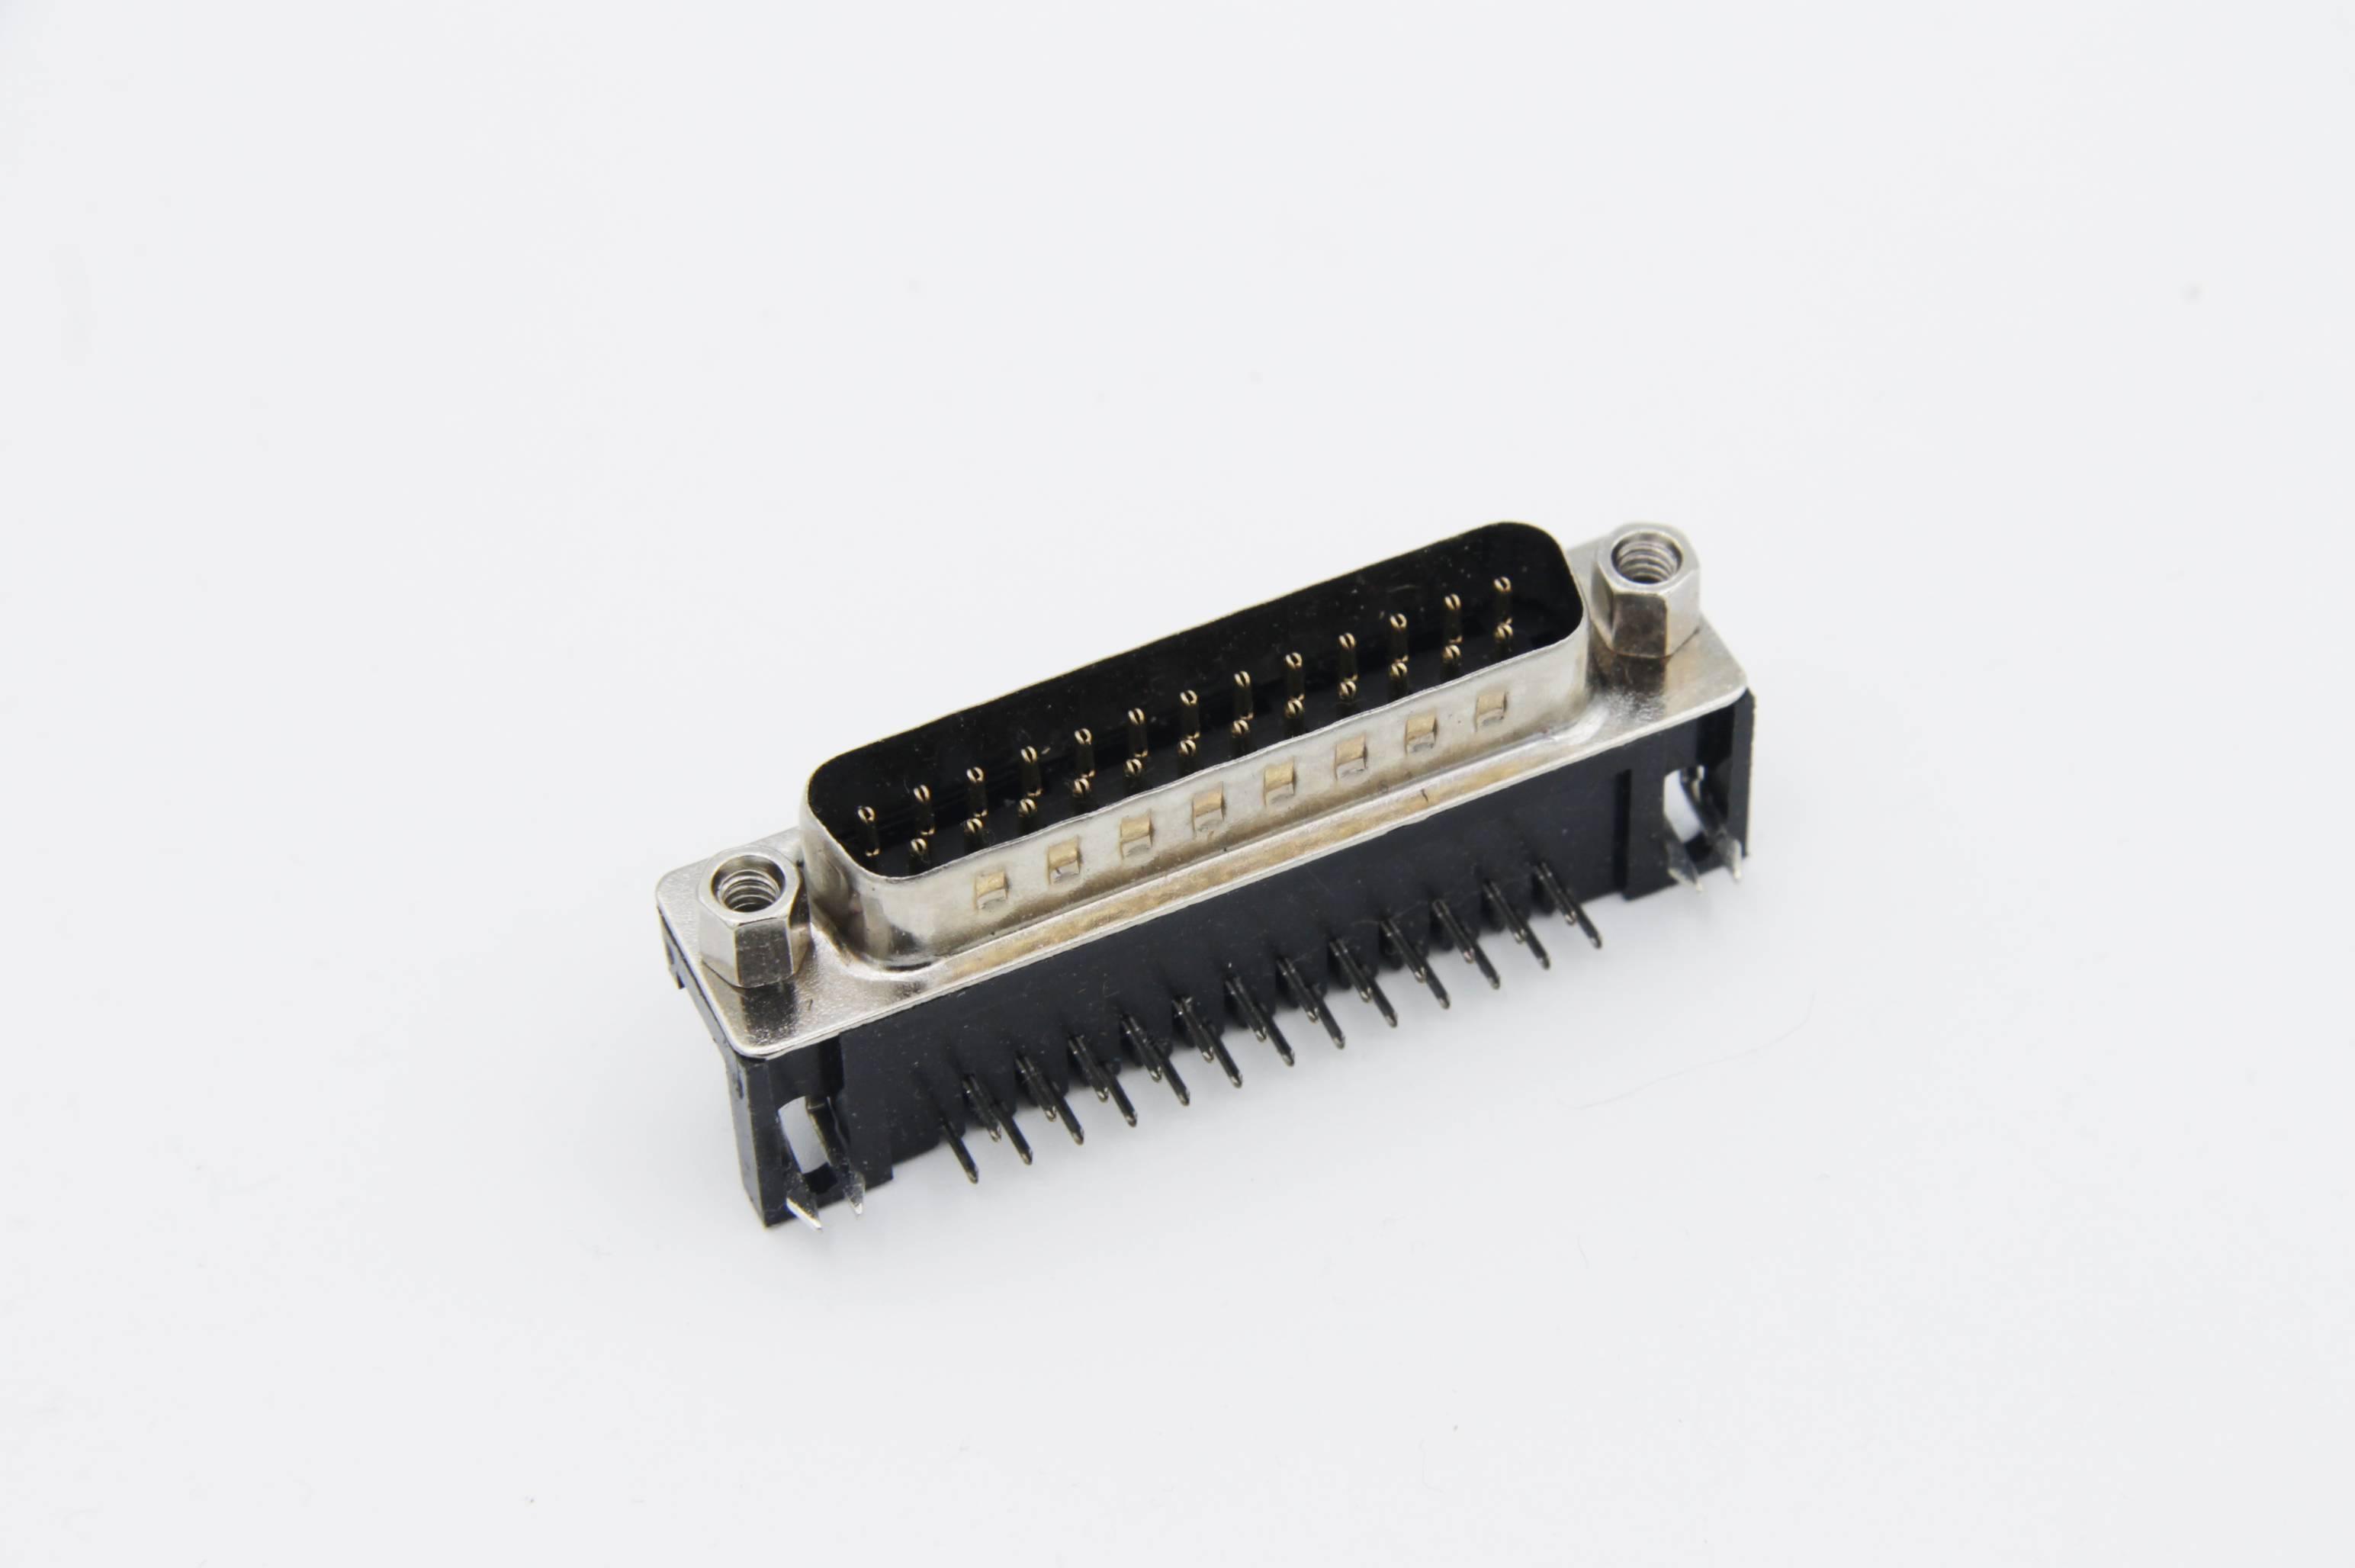 Sub-D-Stiftleiste 25-polig abgewinkelt für Printmontage